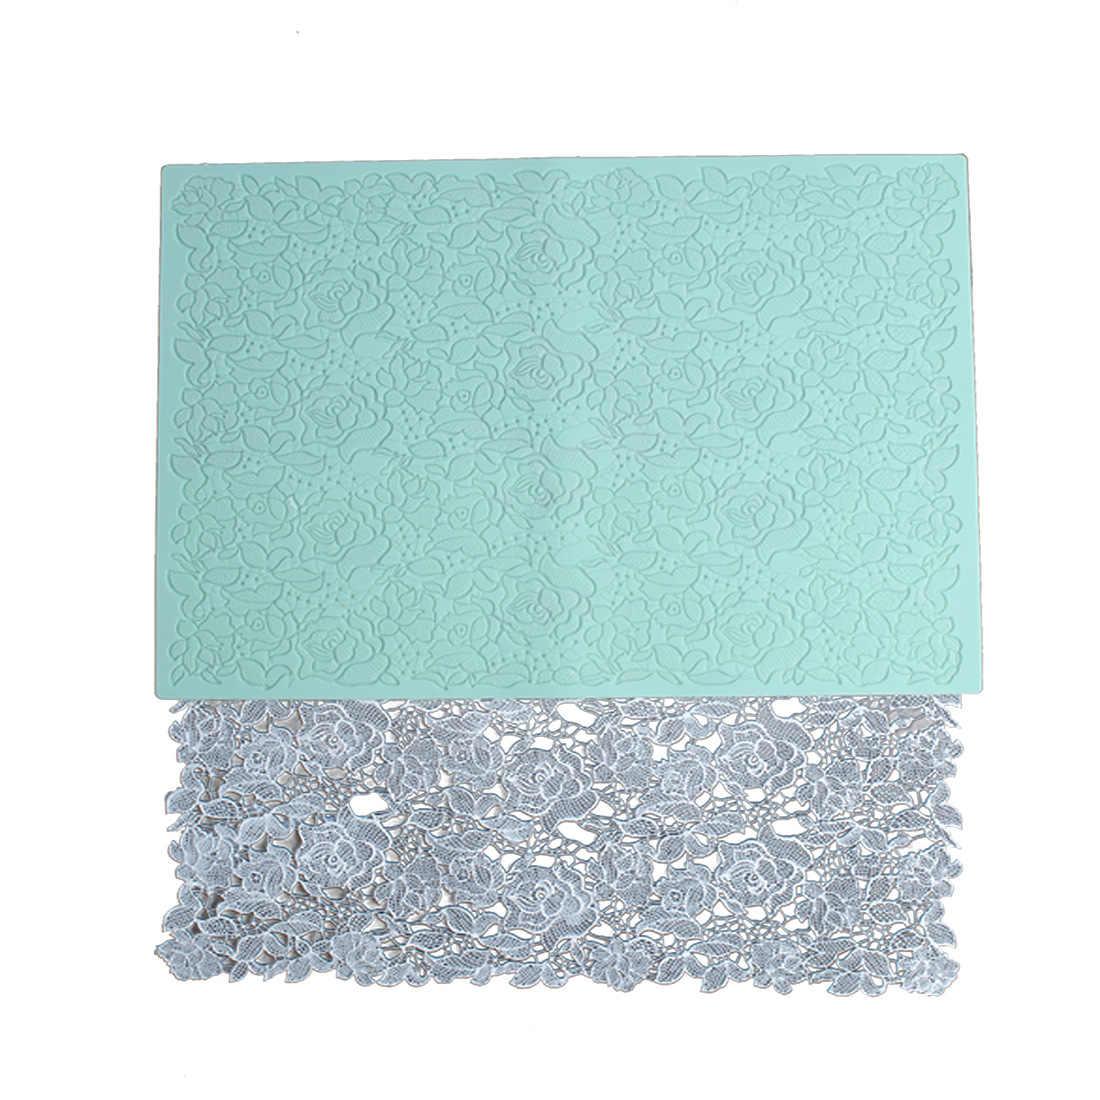 שרף תבניות סיליקון עלה תחרה כרית עובש עיצוב DIY UV בטון תכשיטי אביזרי 3d קיר פנל יצק חימר עובש